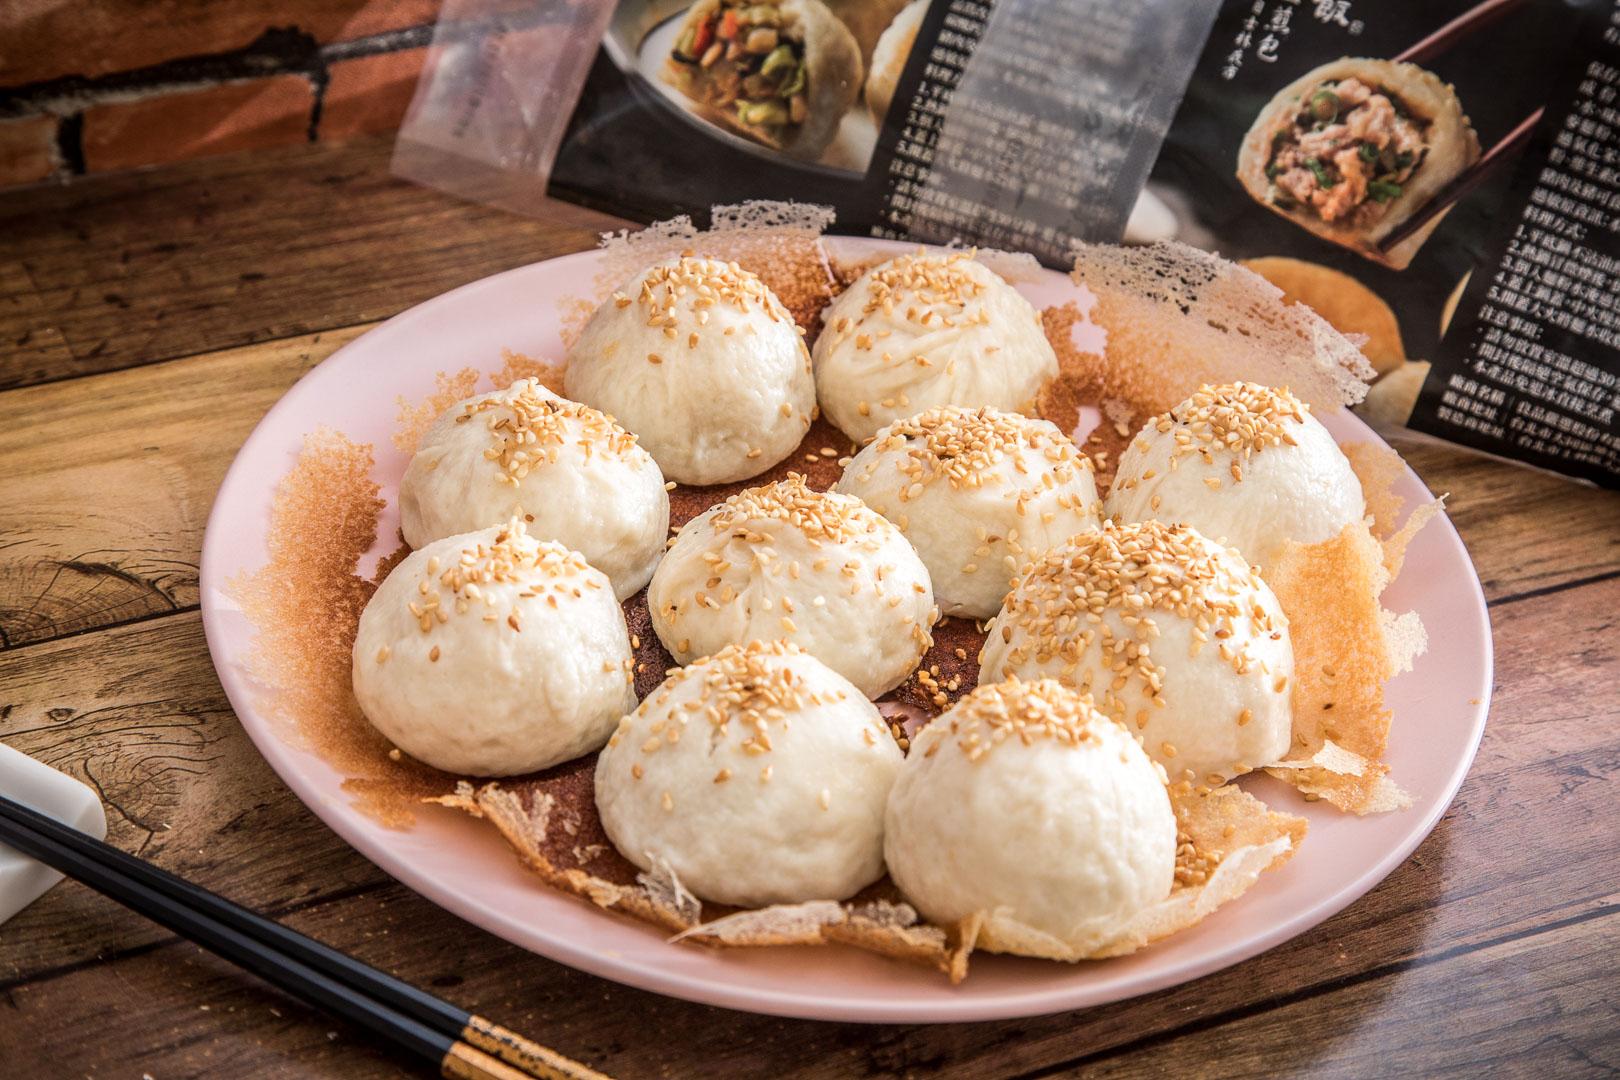 不是我有天份,是上海生煎包真的太容易做了,零廚藝!在家完全複製上海生煎包失敗率等於0!良品開飯-上海生煎包